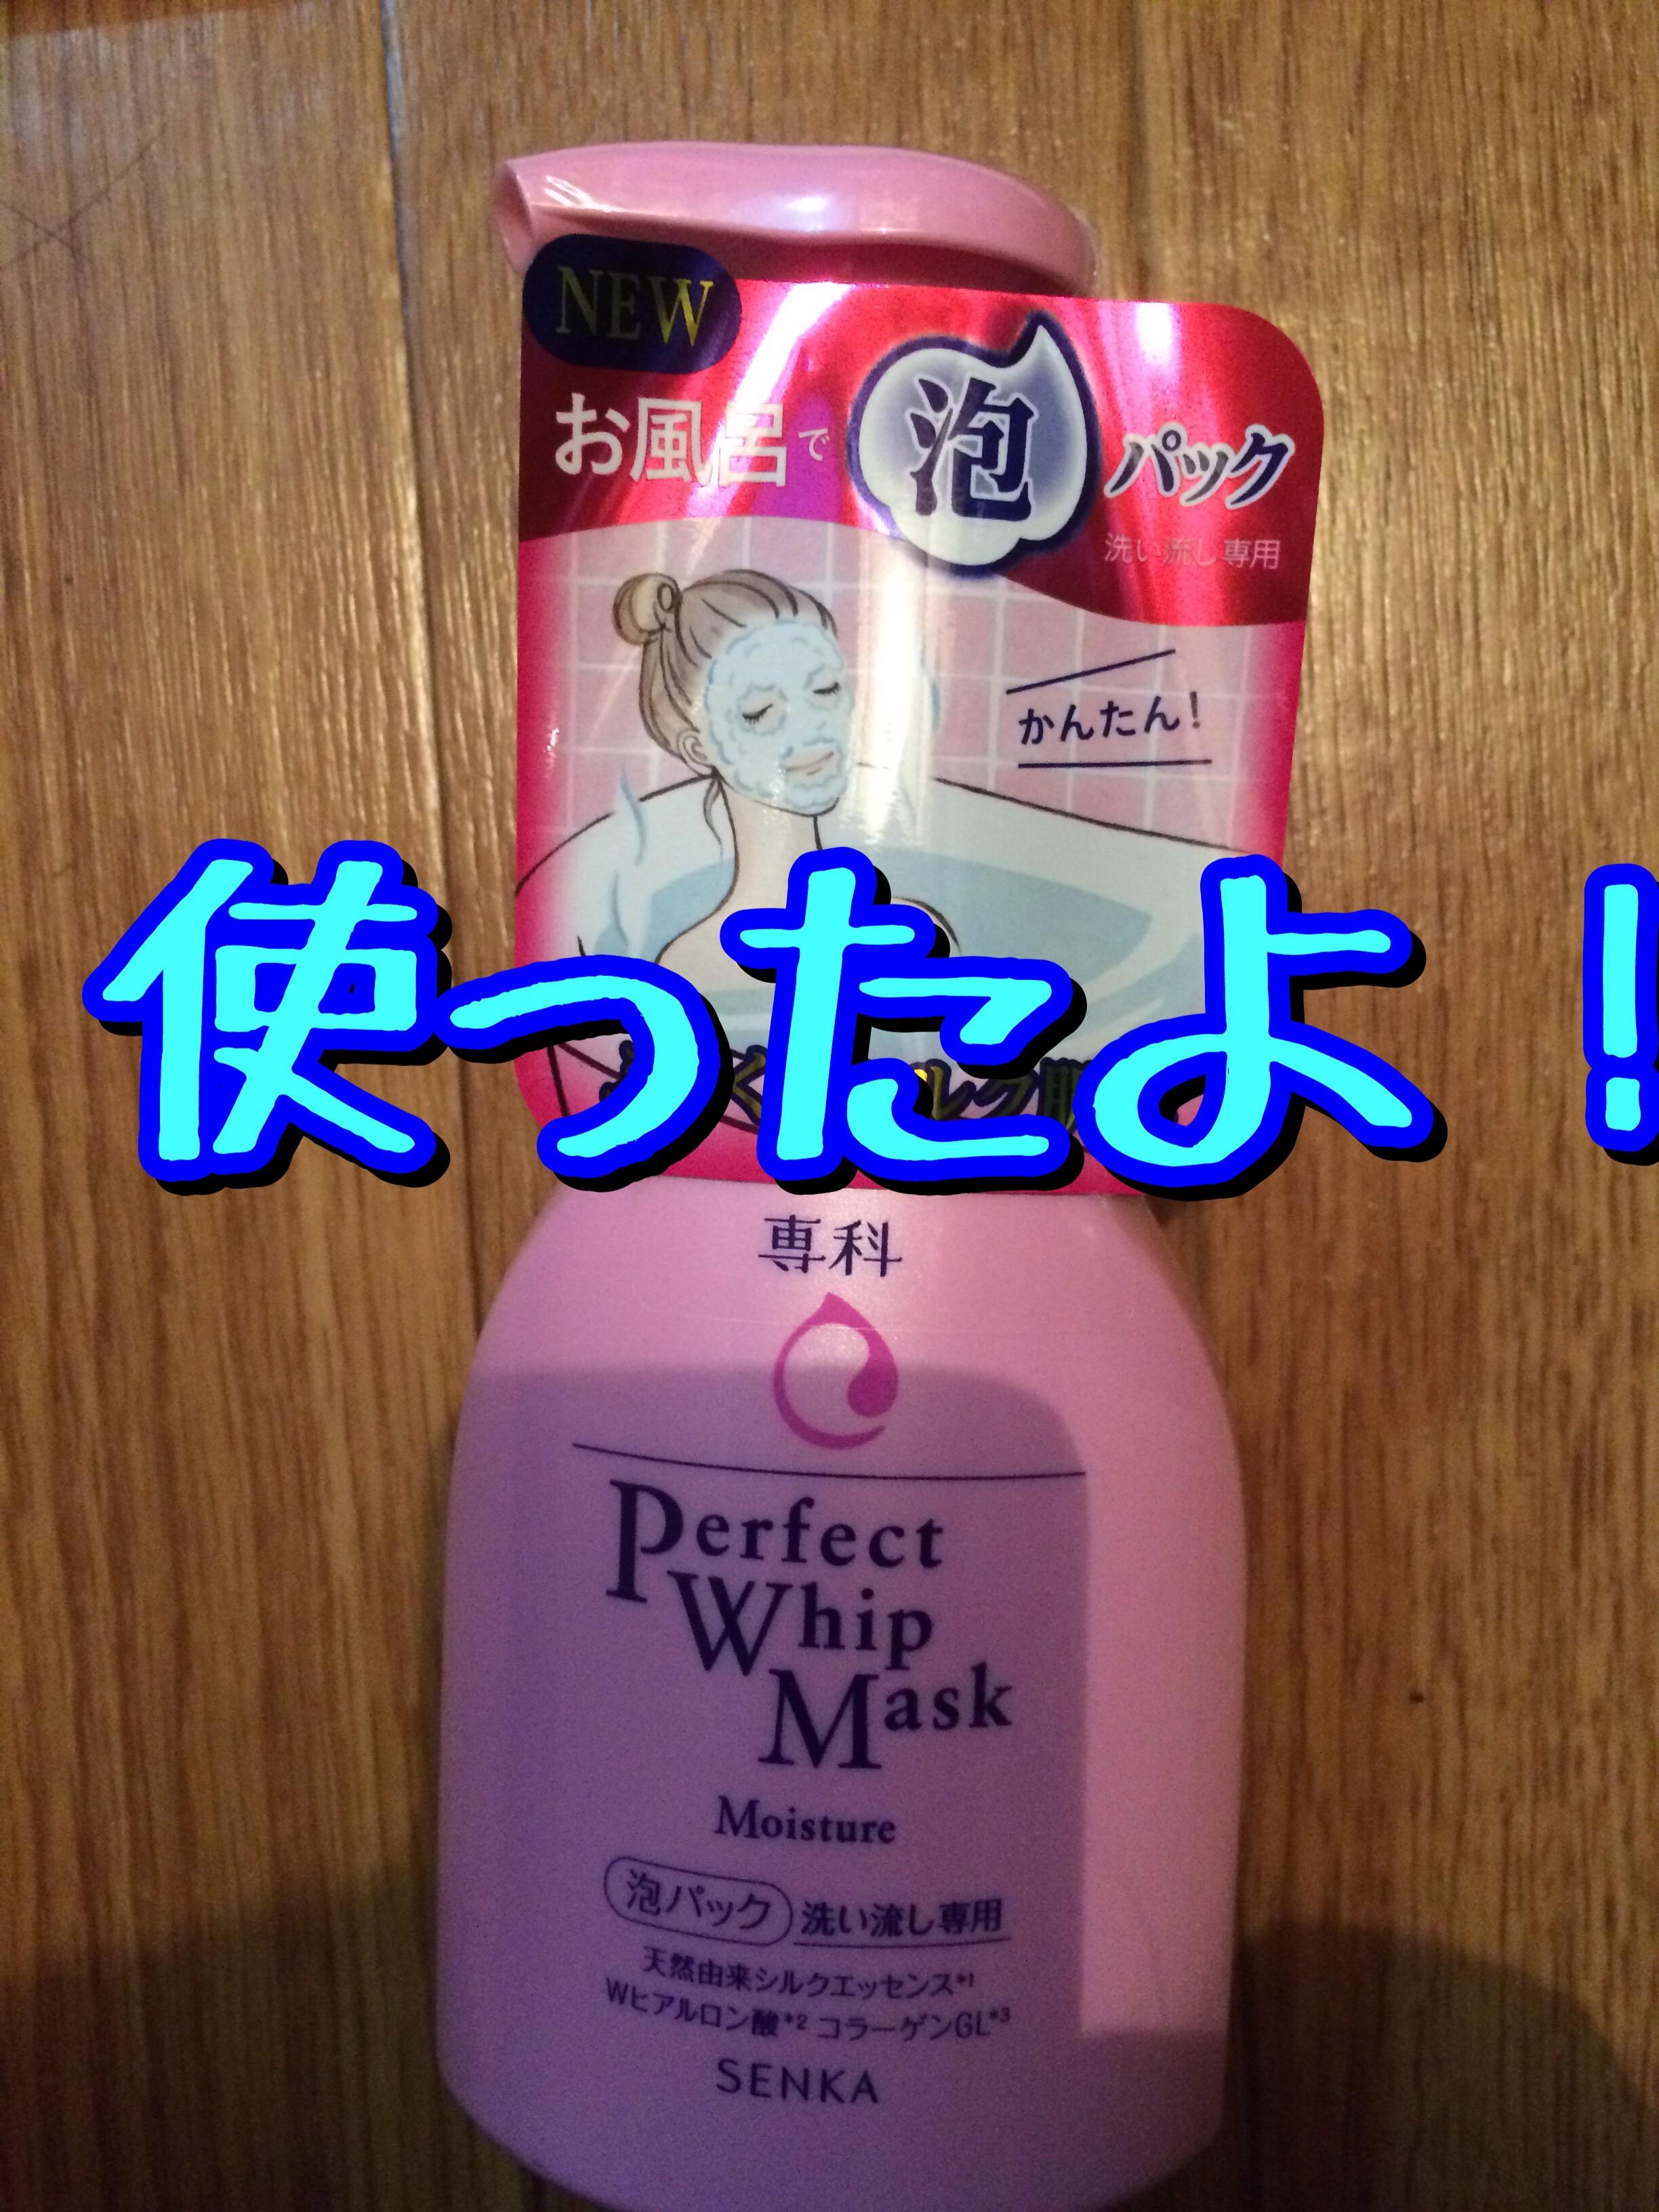 【報告】専科パーフェクトホイップマスクを使った結果!